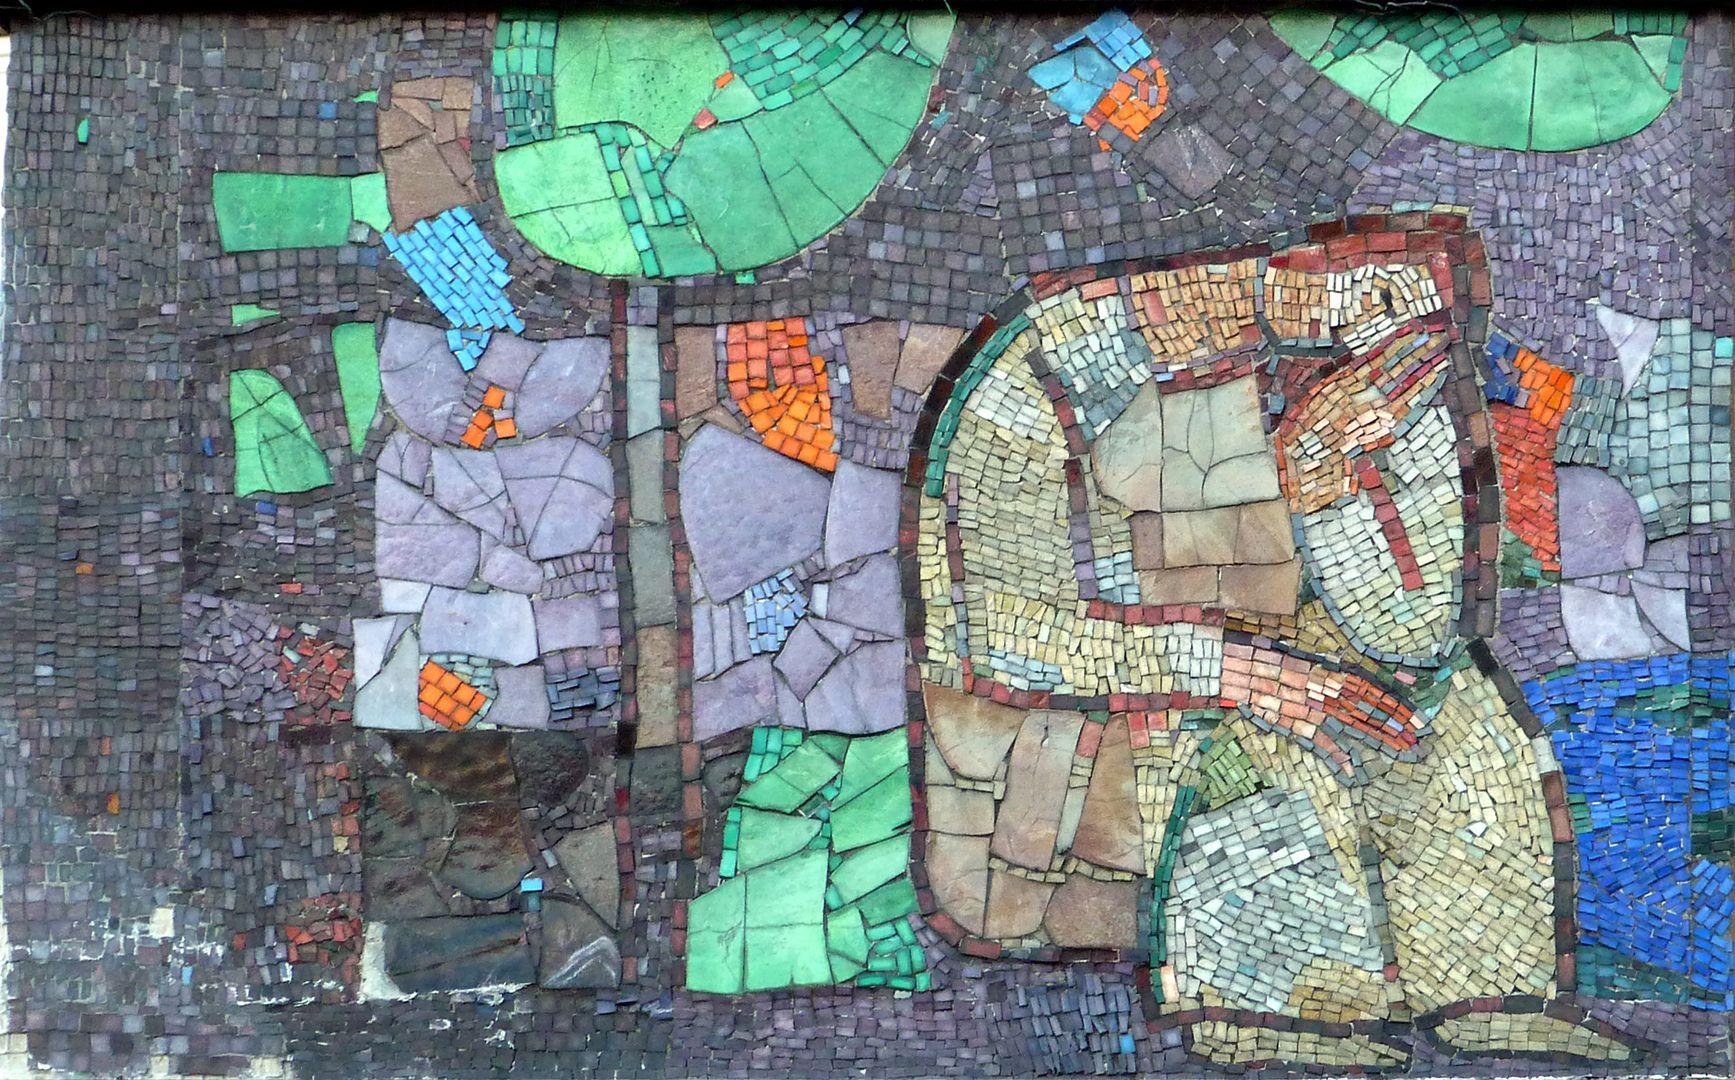 Mosaik am Hauptmarkt in Nürnberg Anfangsszenen des westlichen Mosaikbandes, Rast unter einem Baum